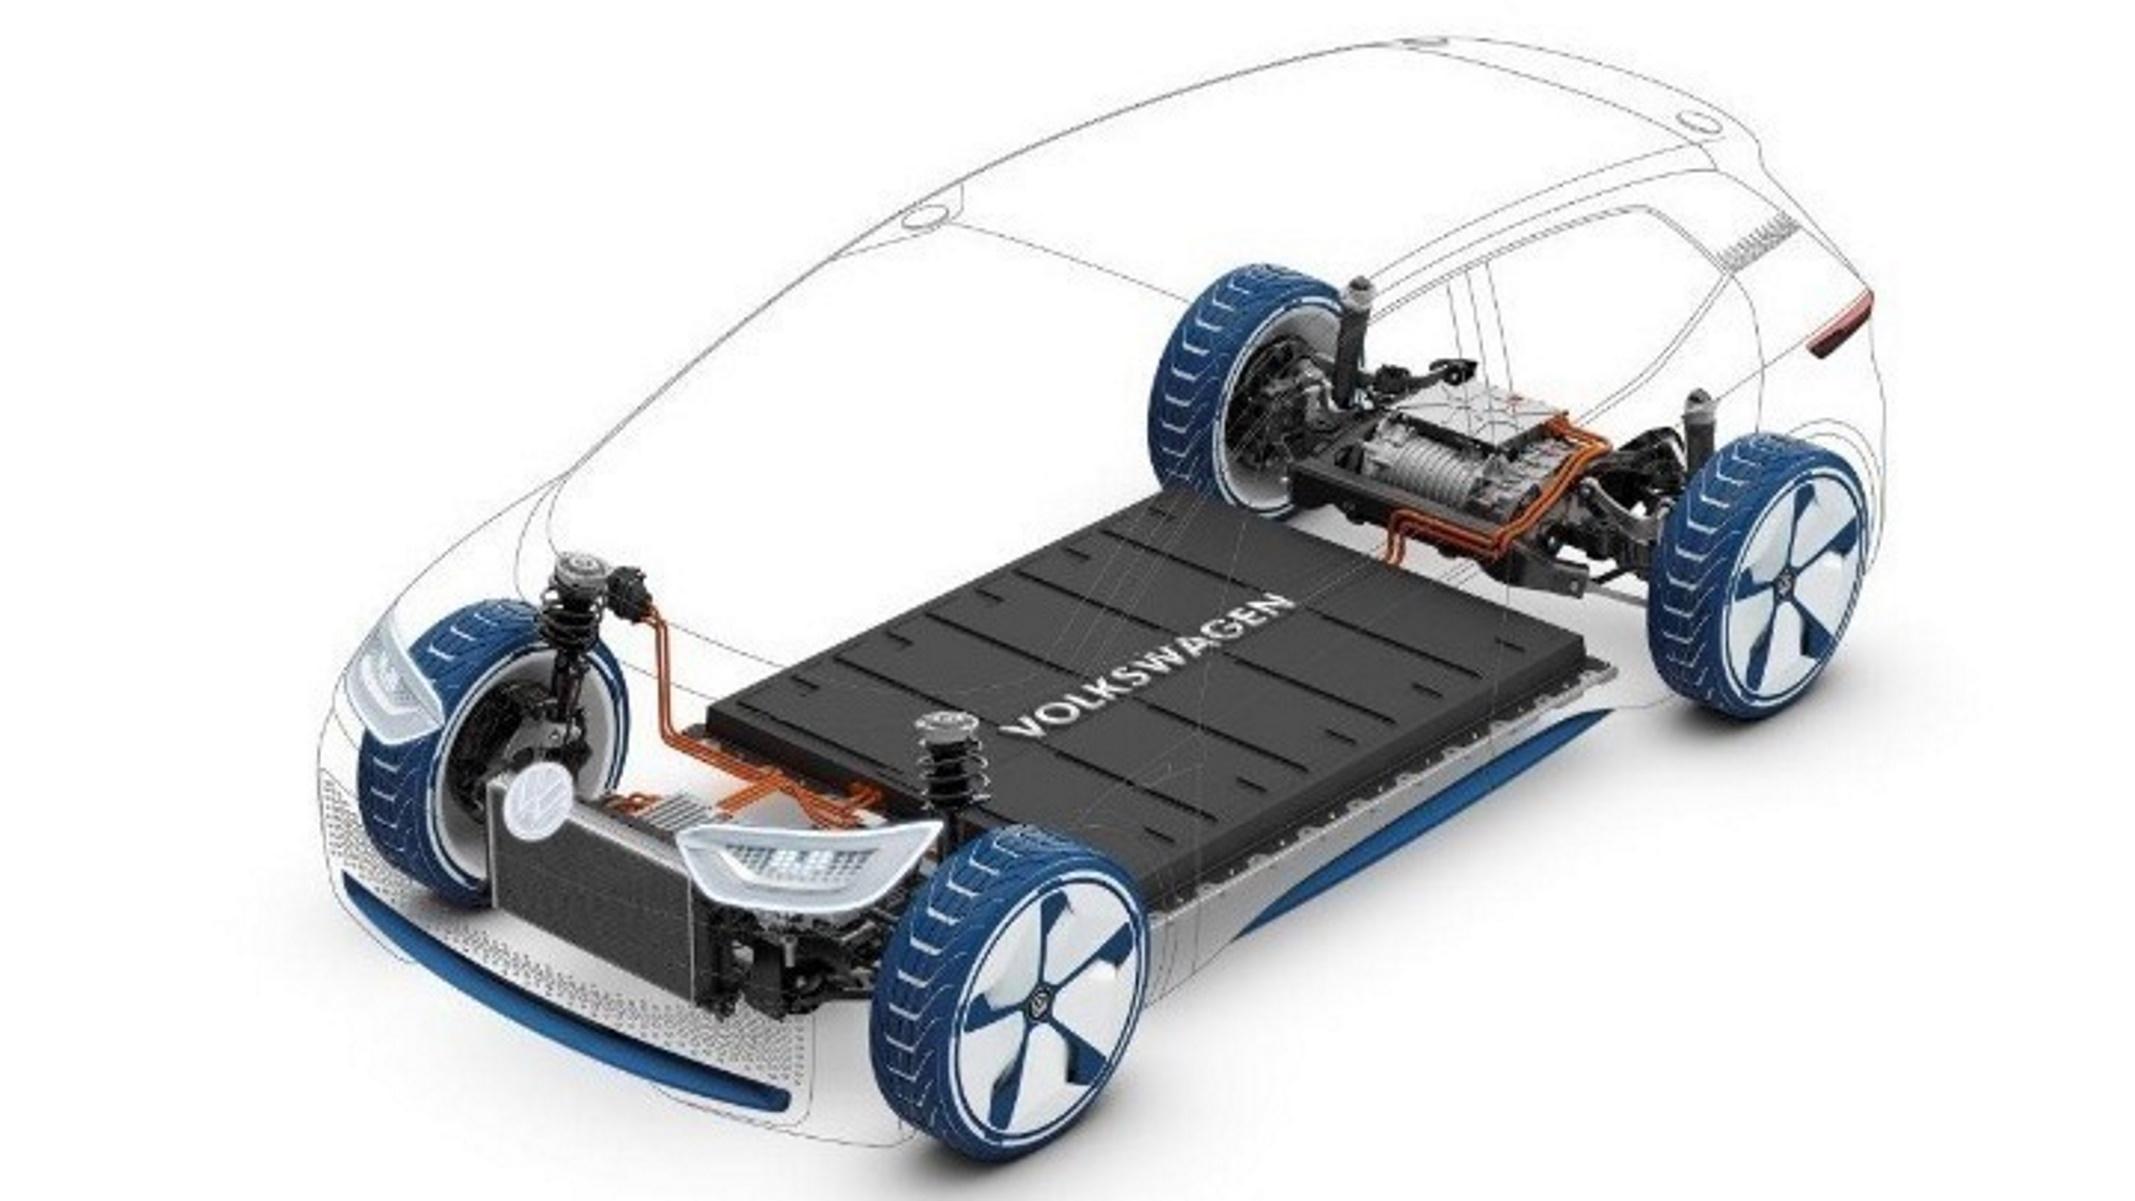 Χάρβαρντ: Σχεδιάζει μπαταρία ηλεκτρικών αυτοκινήτων που θα φορτίζει 100% σε μόλις 10 λεπτά